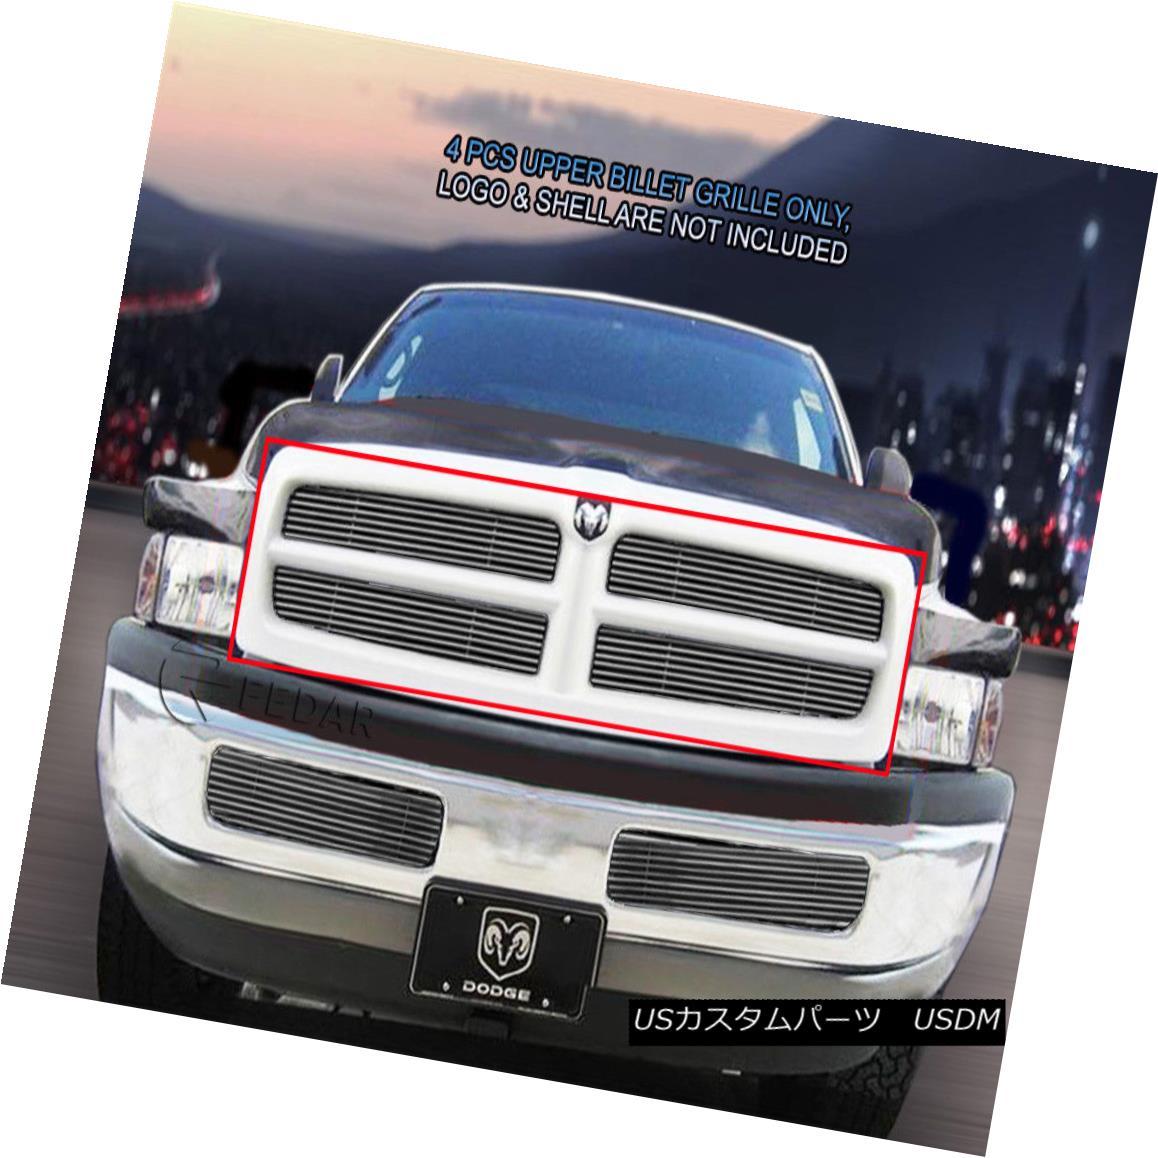 グリル Fedar Fits 1999-2001 Dodge Ram Sport Polished Main Upper Billet Grille Fedarは1999-2001 Dodge Ram Sportに適合します。研磨されたメインアッパービレットグリル